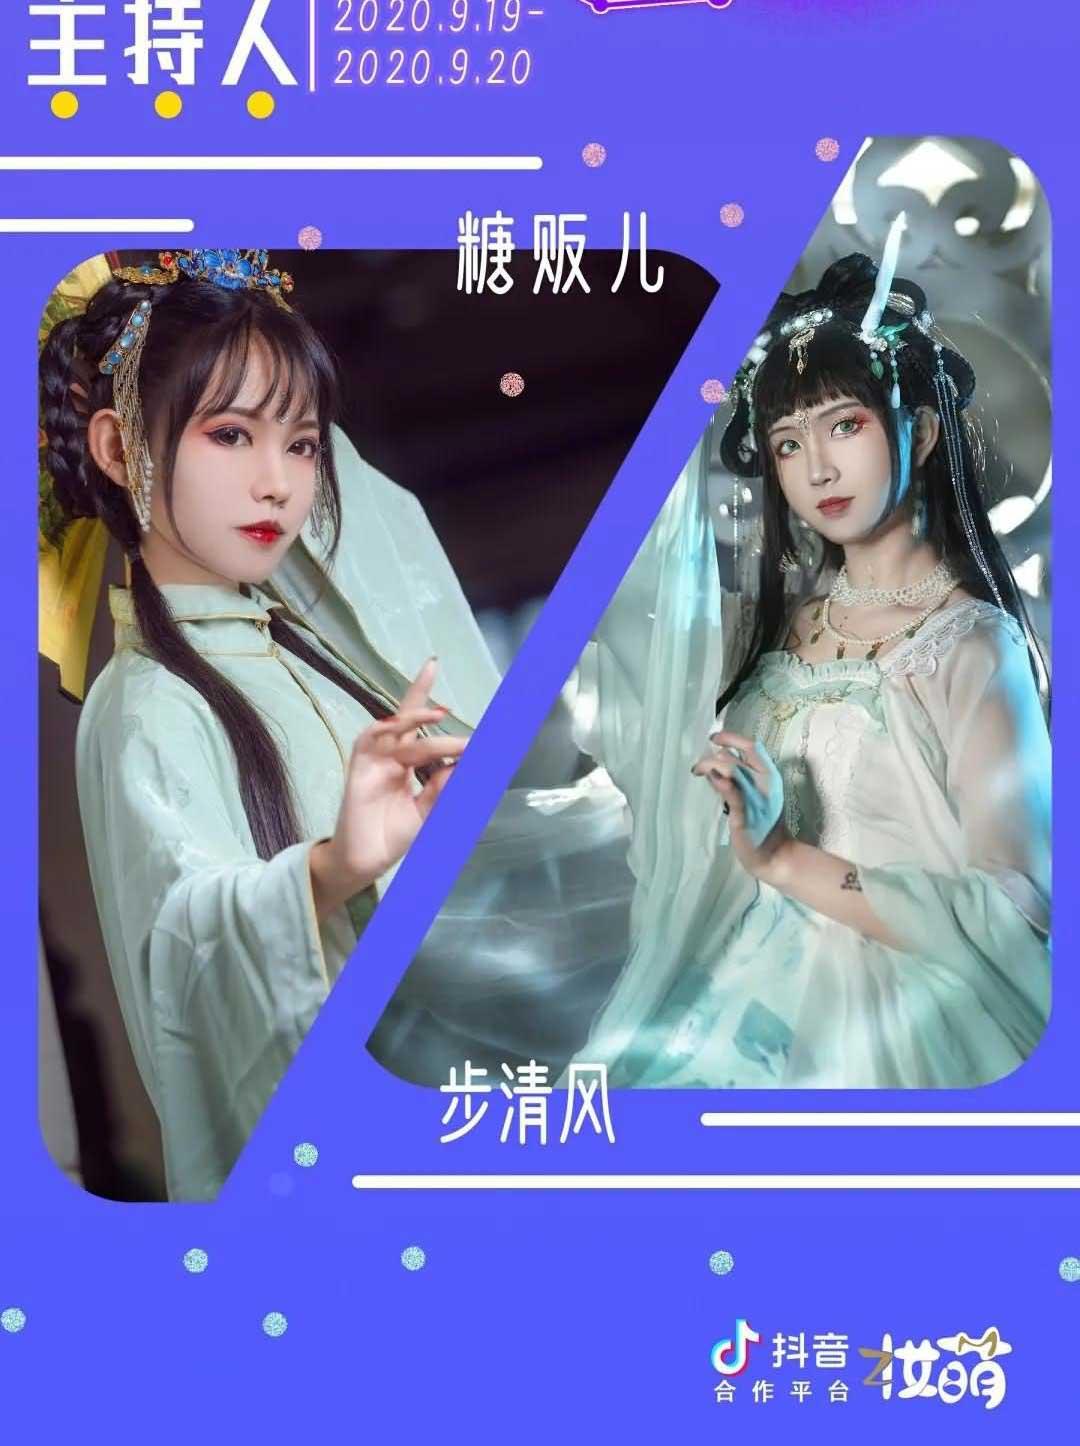 苏州汉服活动 苏州CG国风动漫嘉年华嘉宾阵容